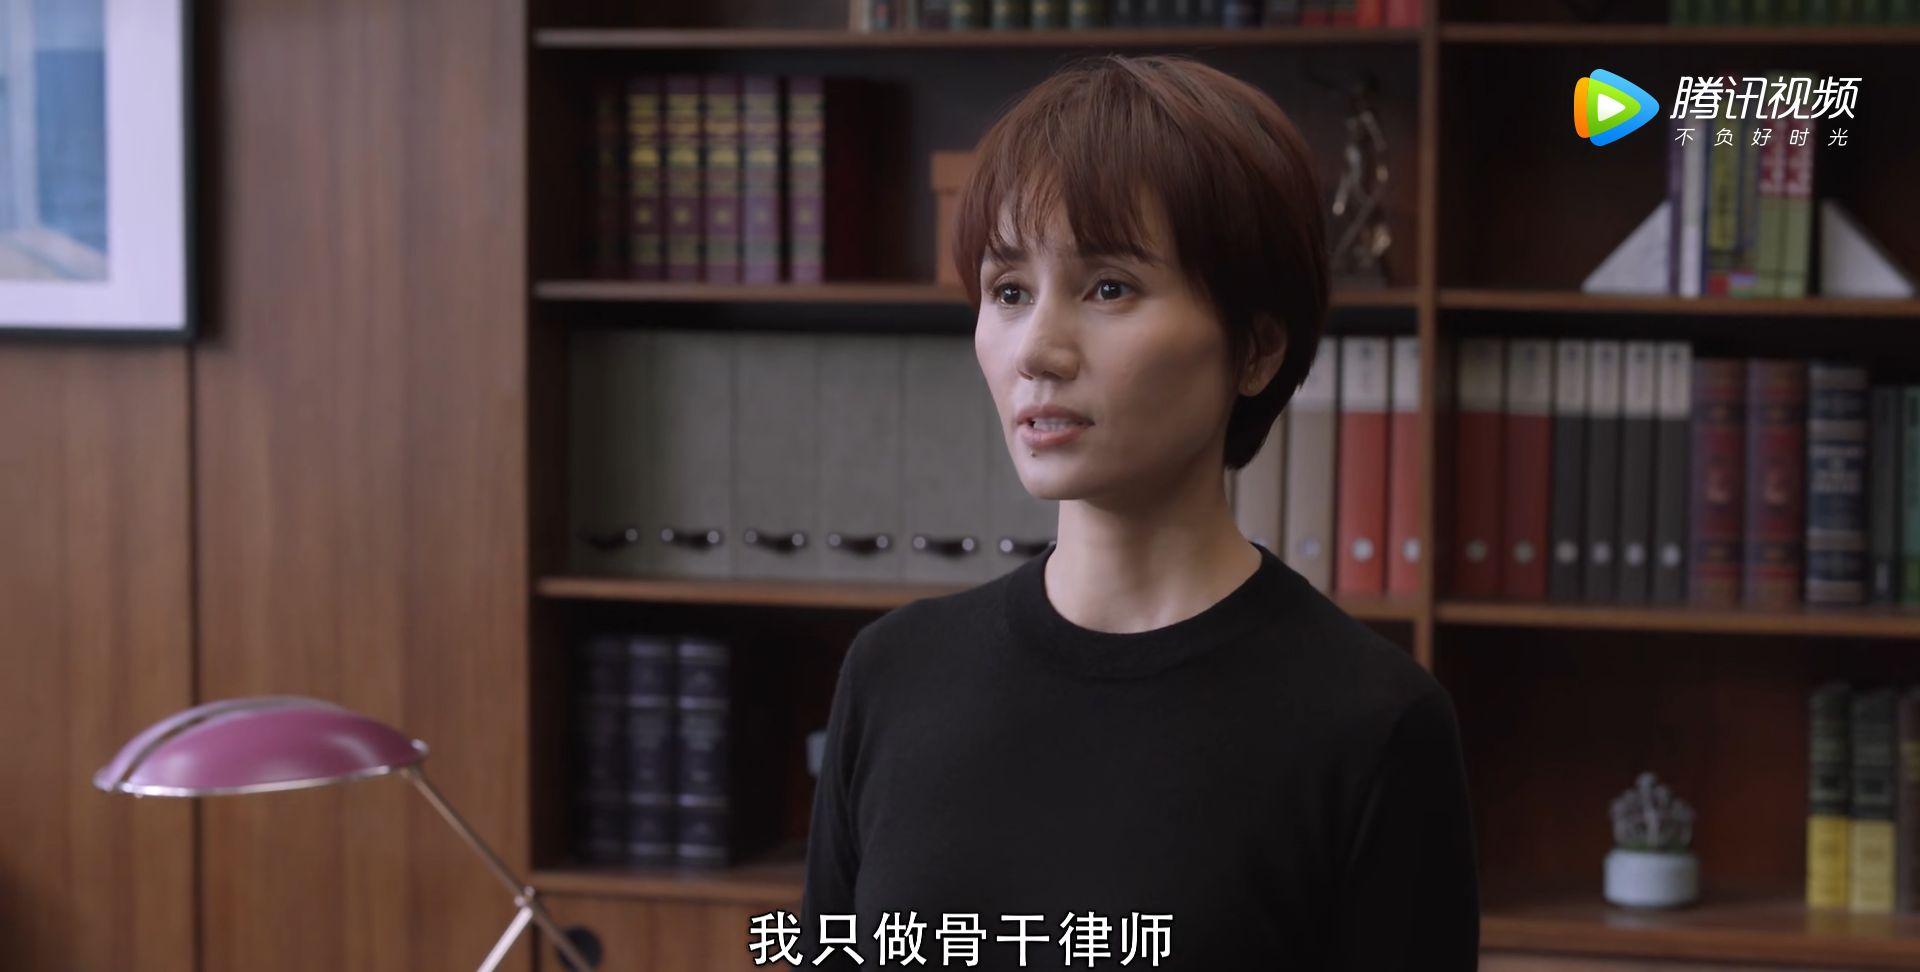 湖南湘潭纪委党风政风监督室主任王新平被查